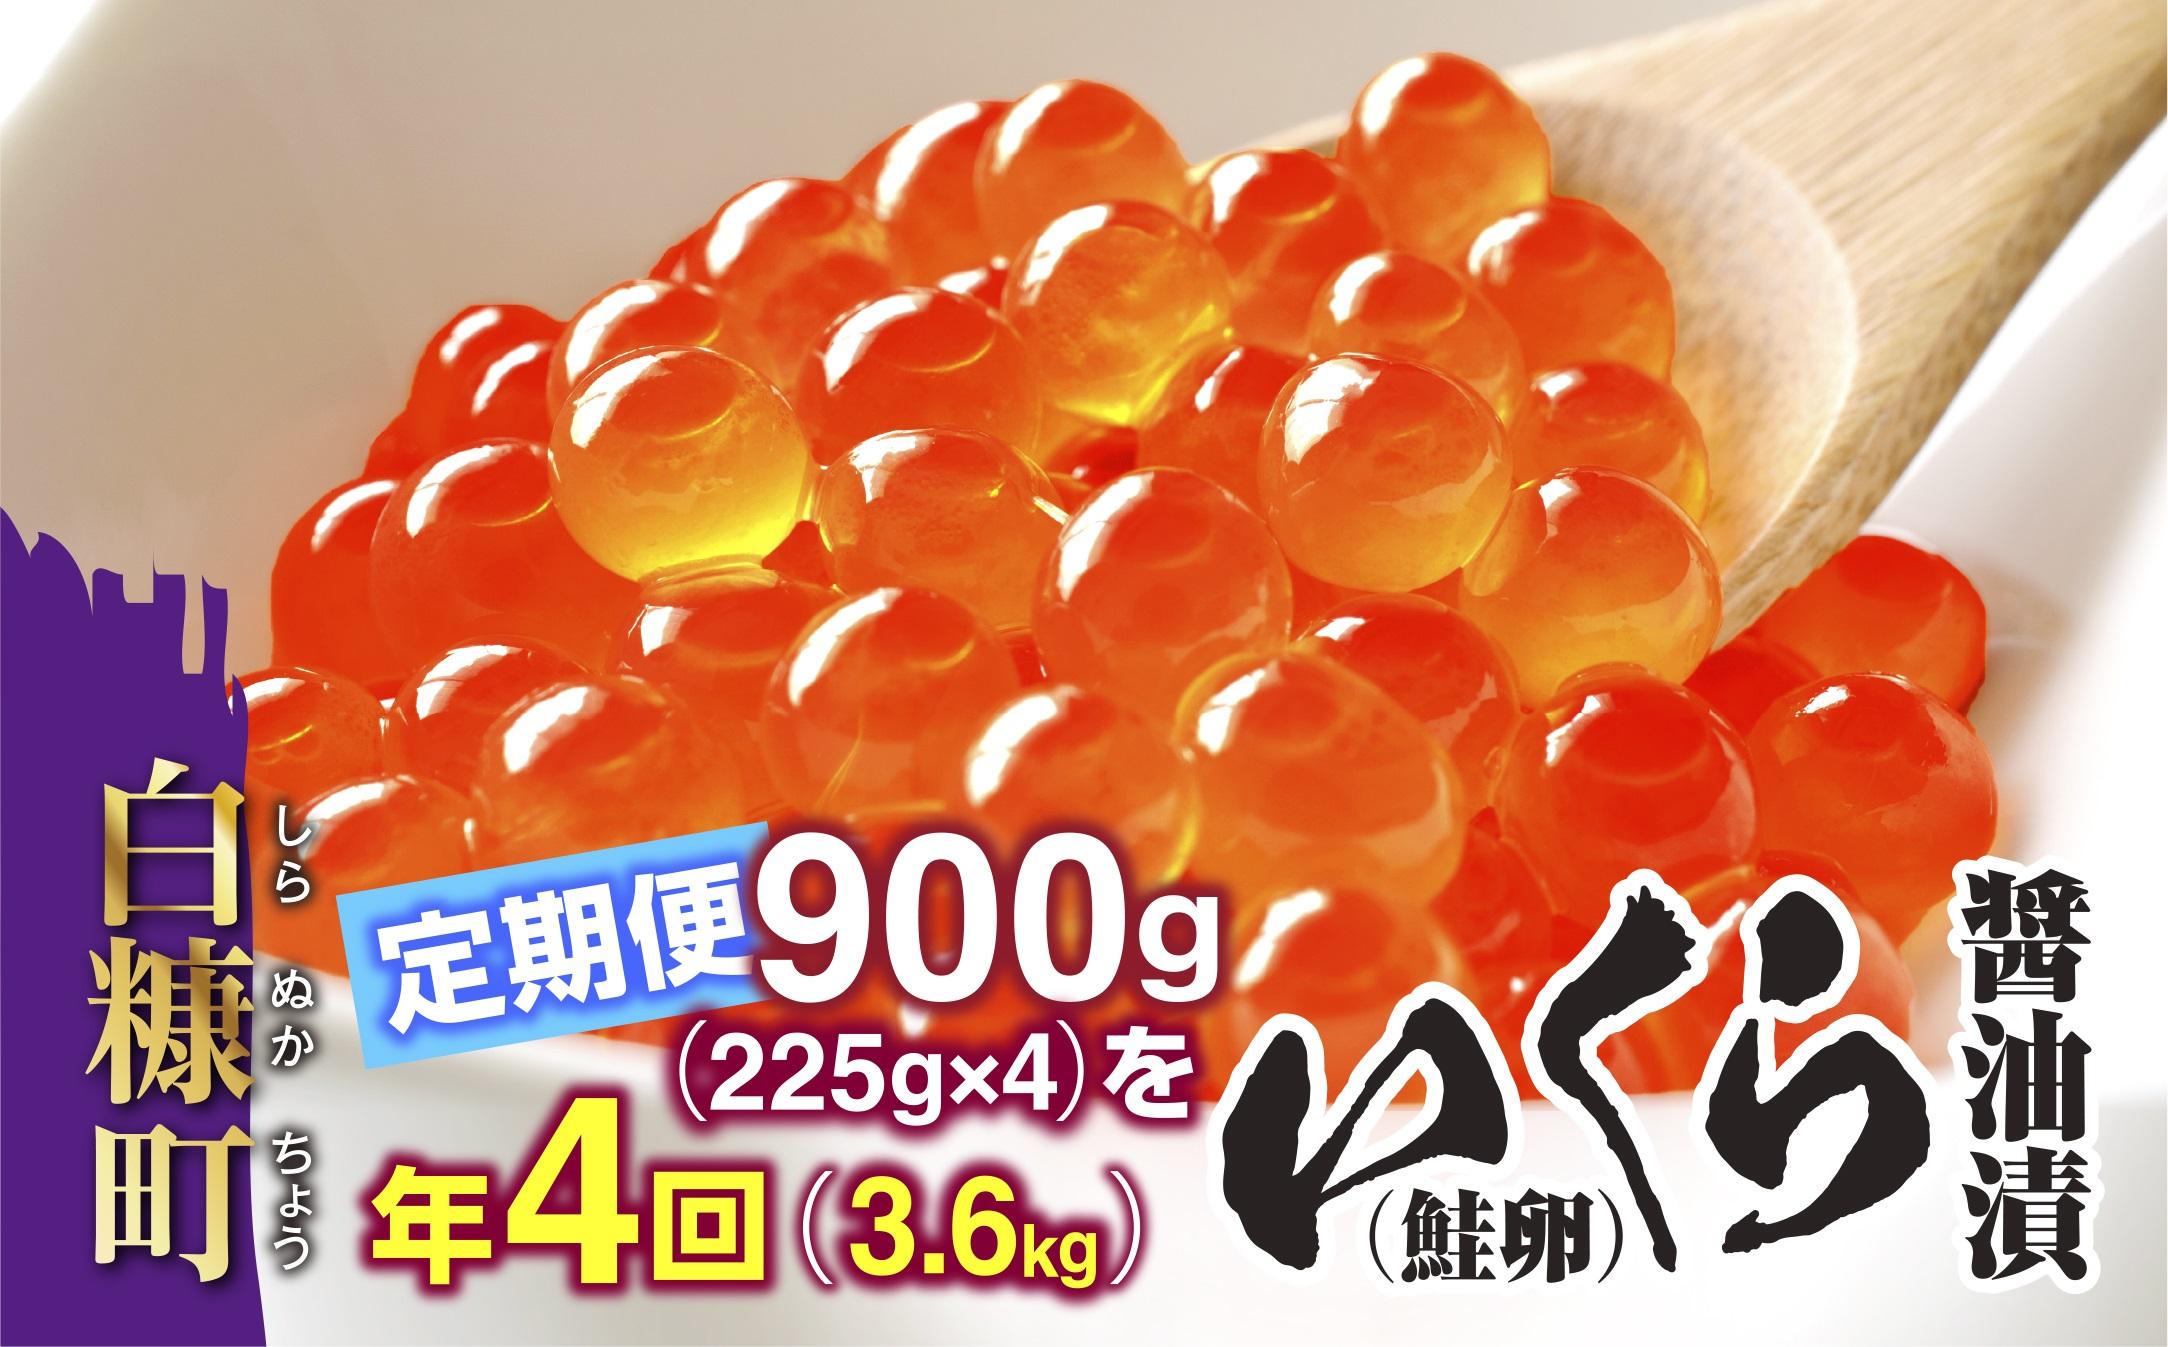 年4回!いくら醤油漬(鮭卵)定期便 【900g(225g×2×2)×4回(2月・5月・8月・11月)】